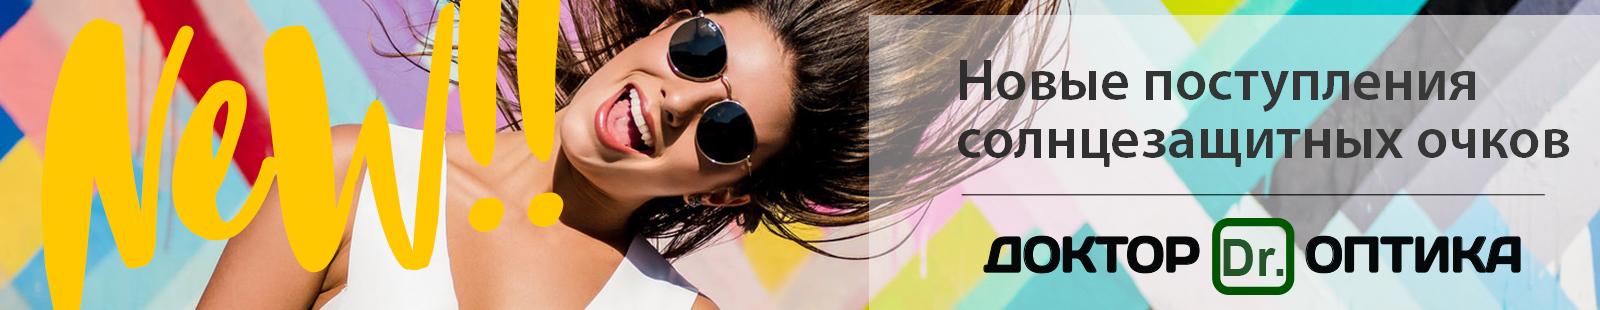 Новая коллекция солнцезащитных очков!